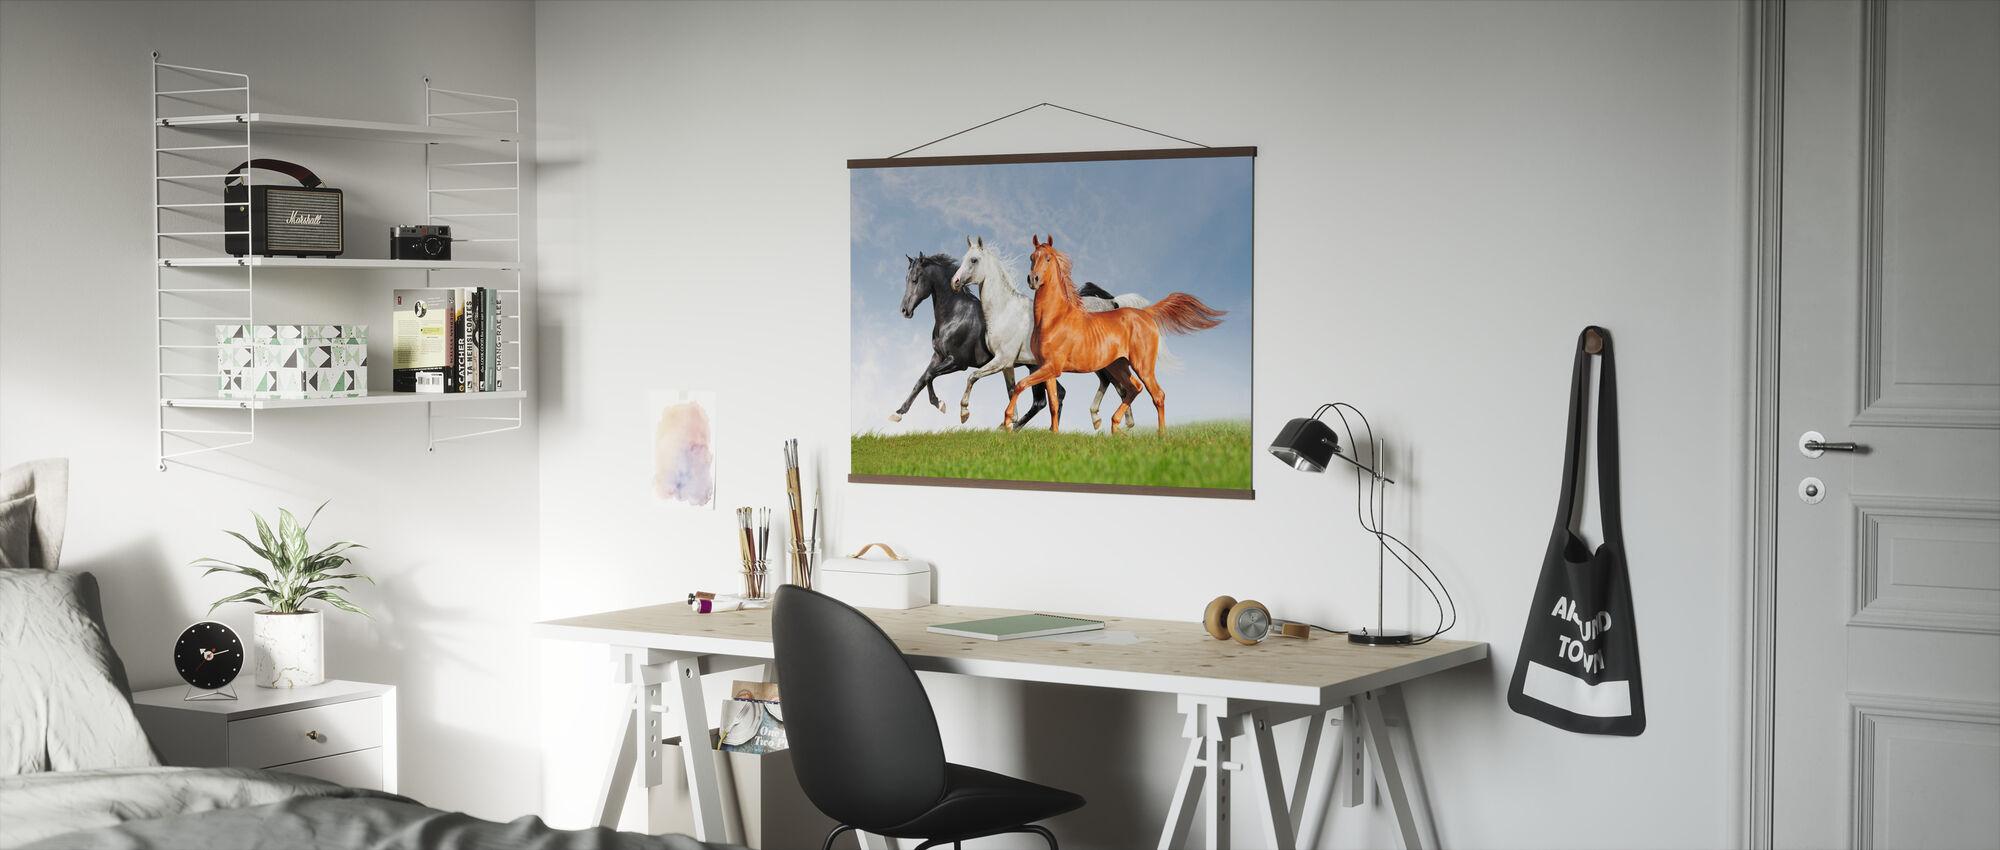 Arabskie konie biegną za darmo - Plakat - Biuro